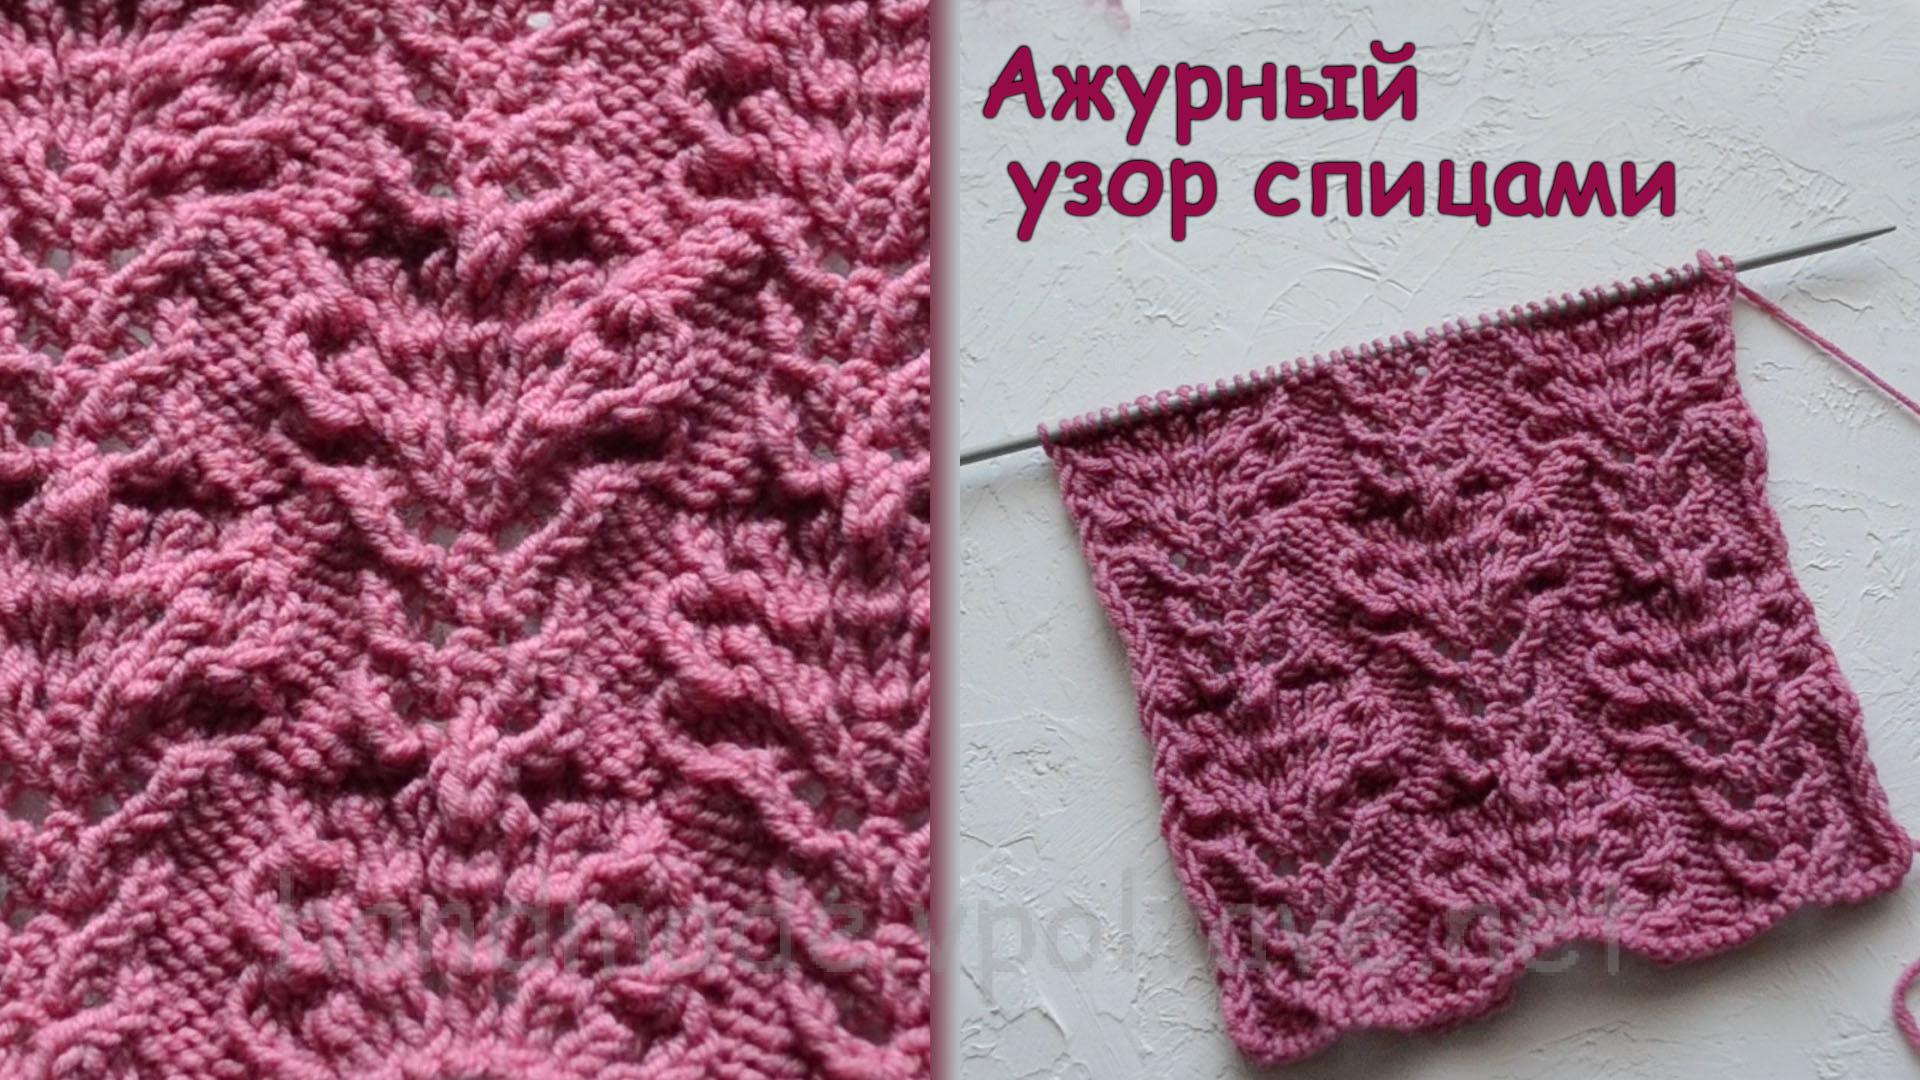 openwork knitting